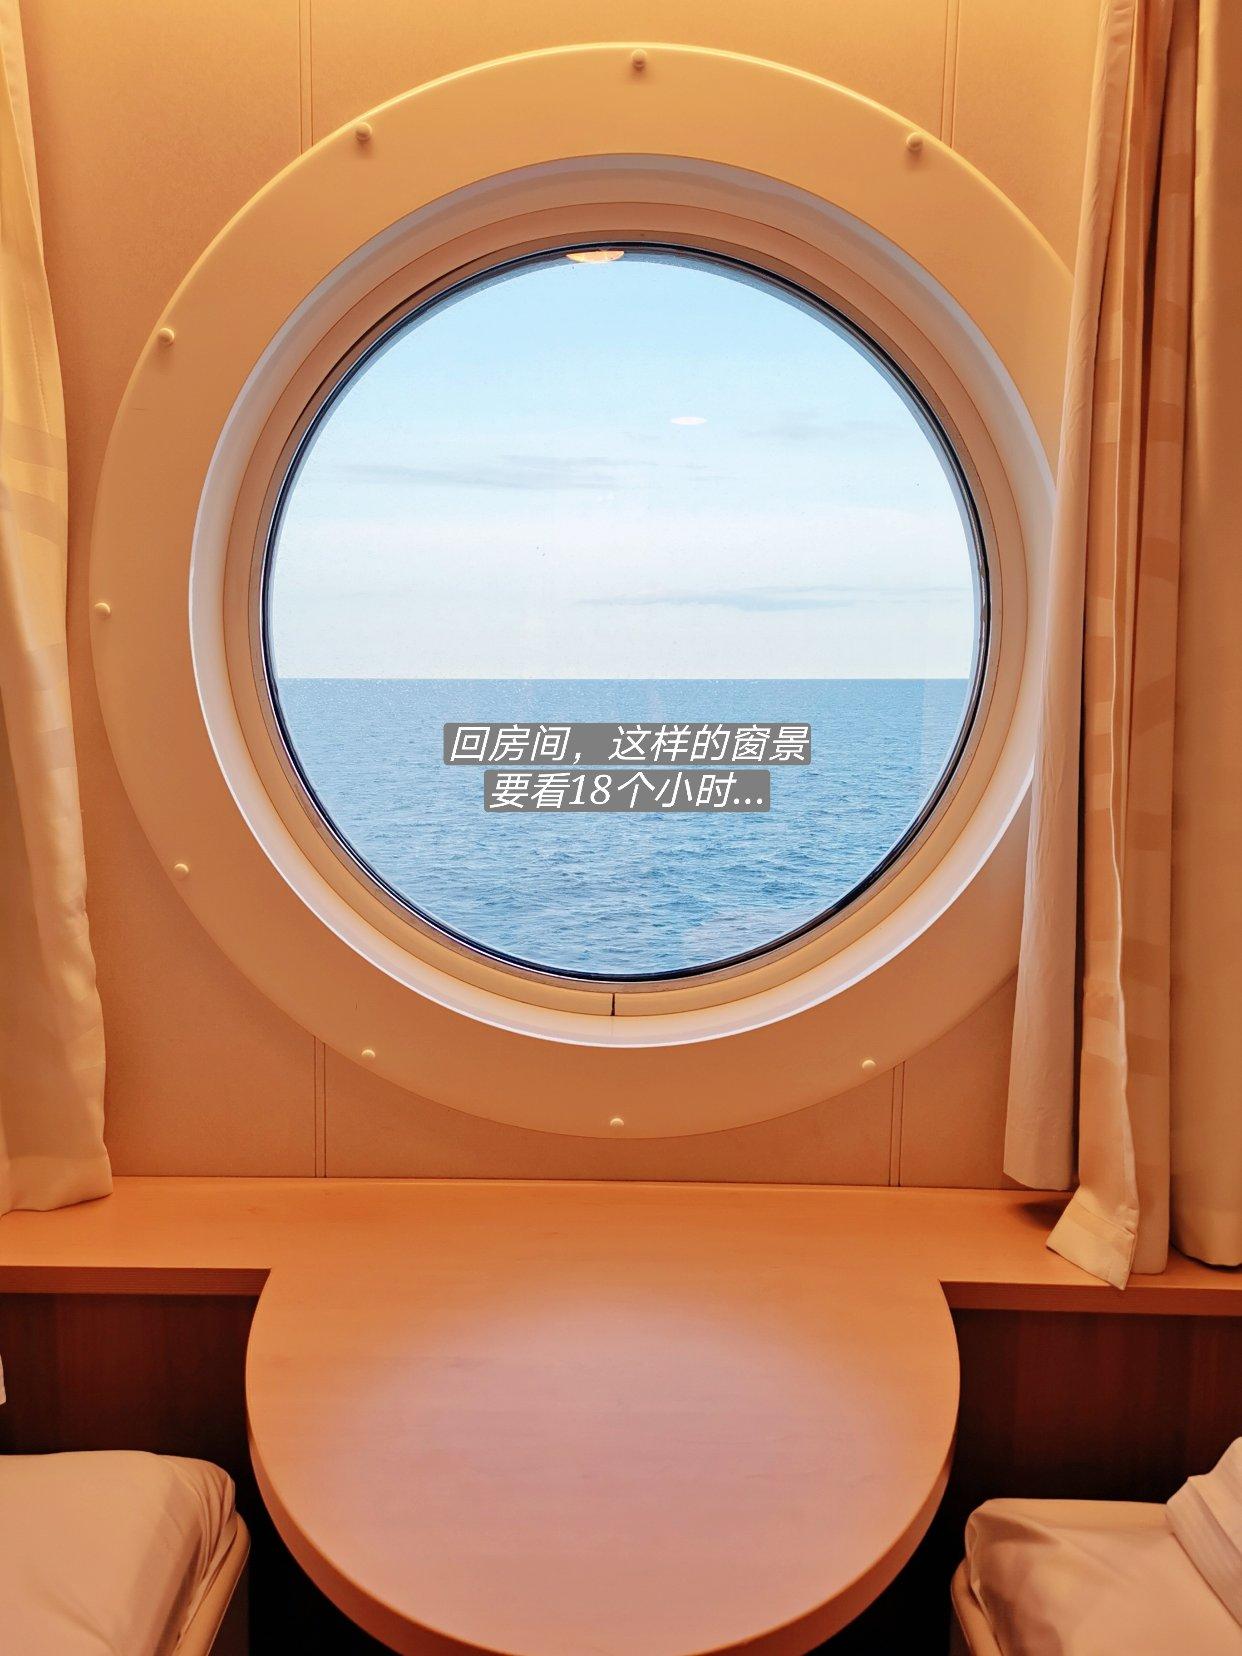 2021年8月24日,星期二,🚢海上。